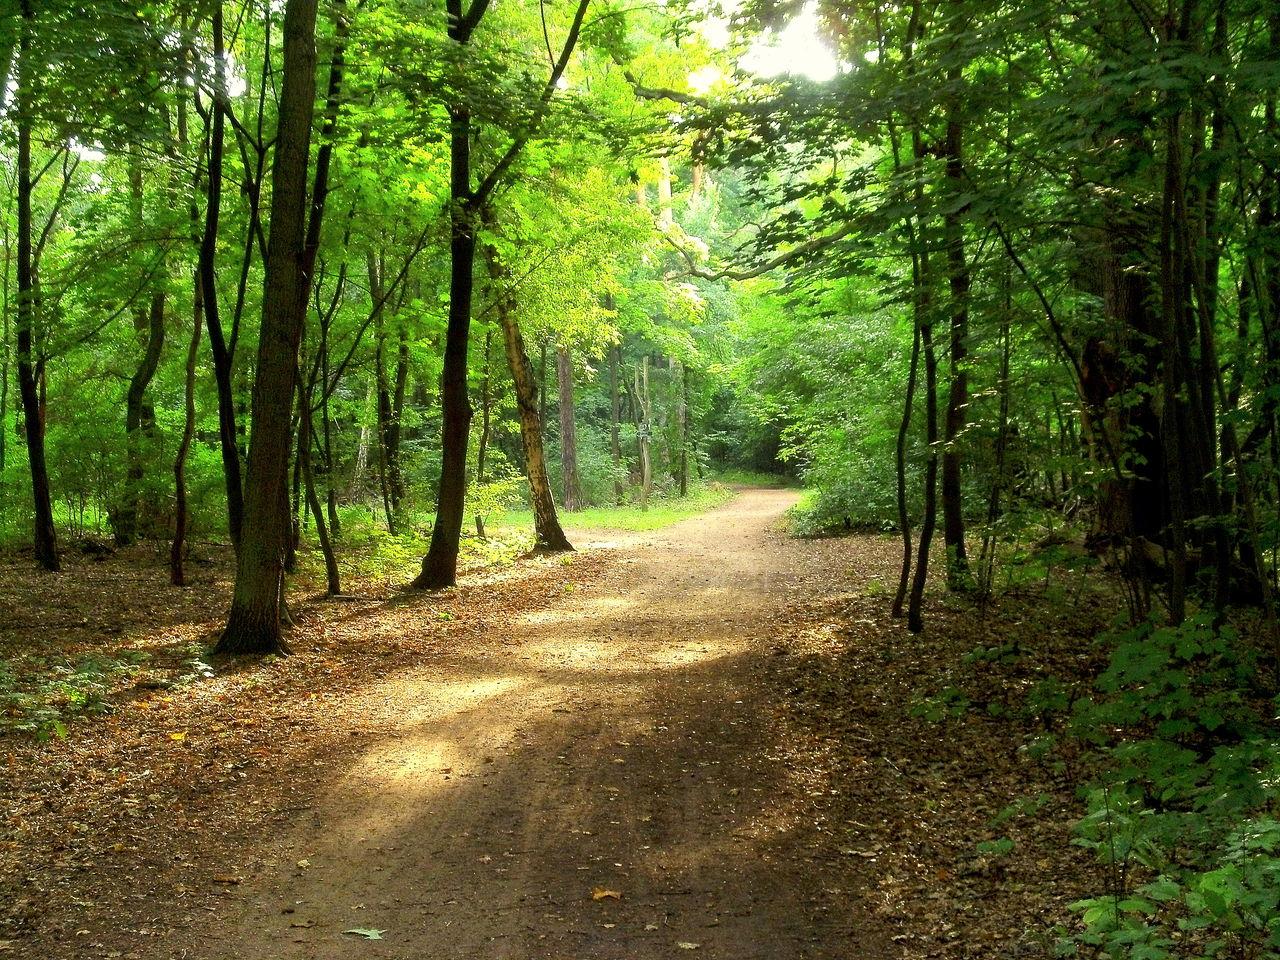 der alte waldweg - waldweg, wald, sommer nachmittag